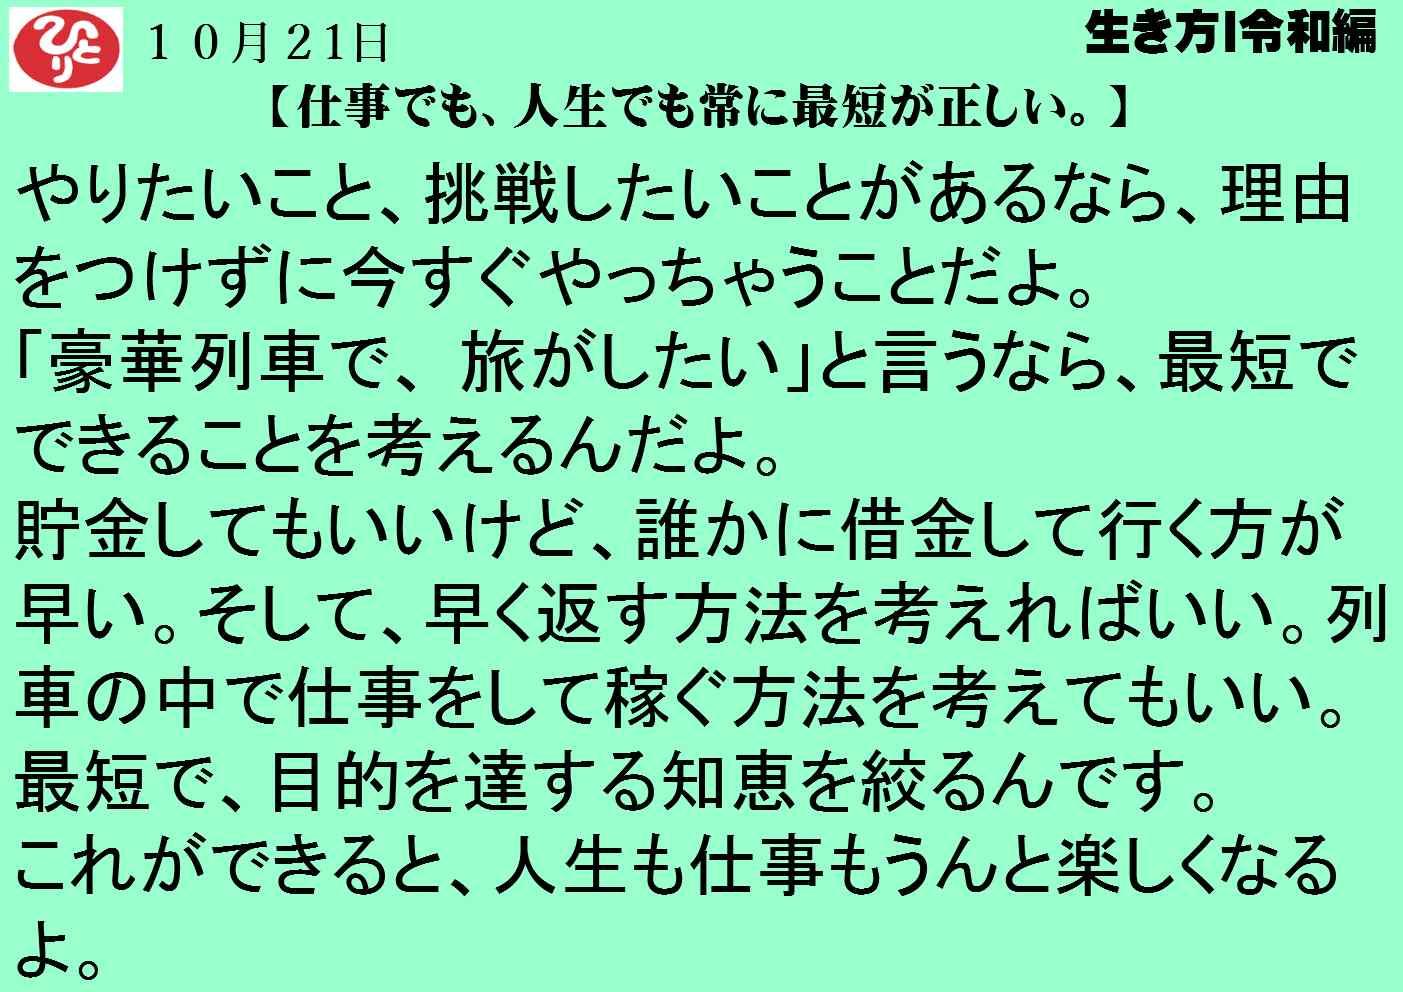 10月21日 仕事でも、人生でも 常に最短が正しい。 令和一日一語斎藤一人 生き方